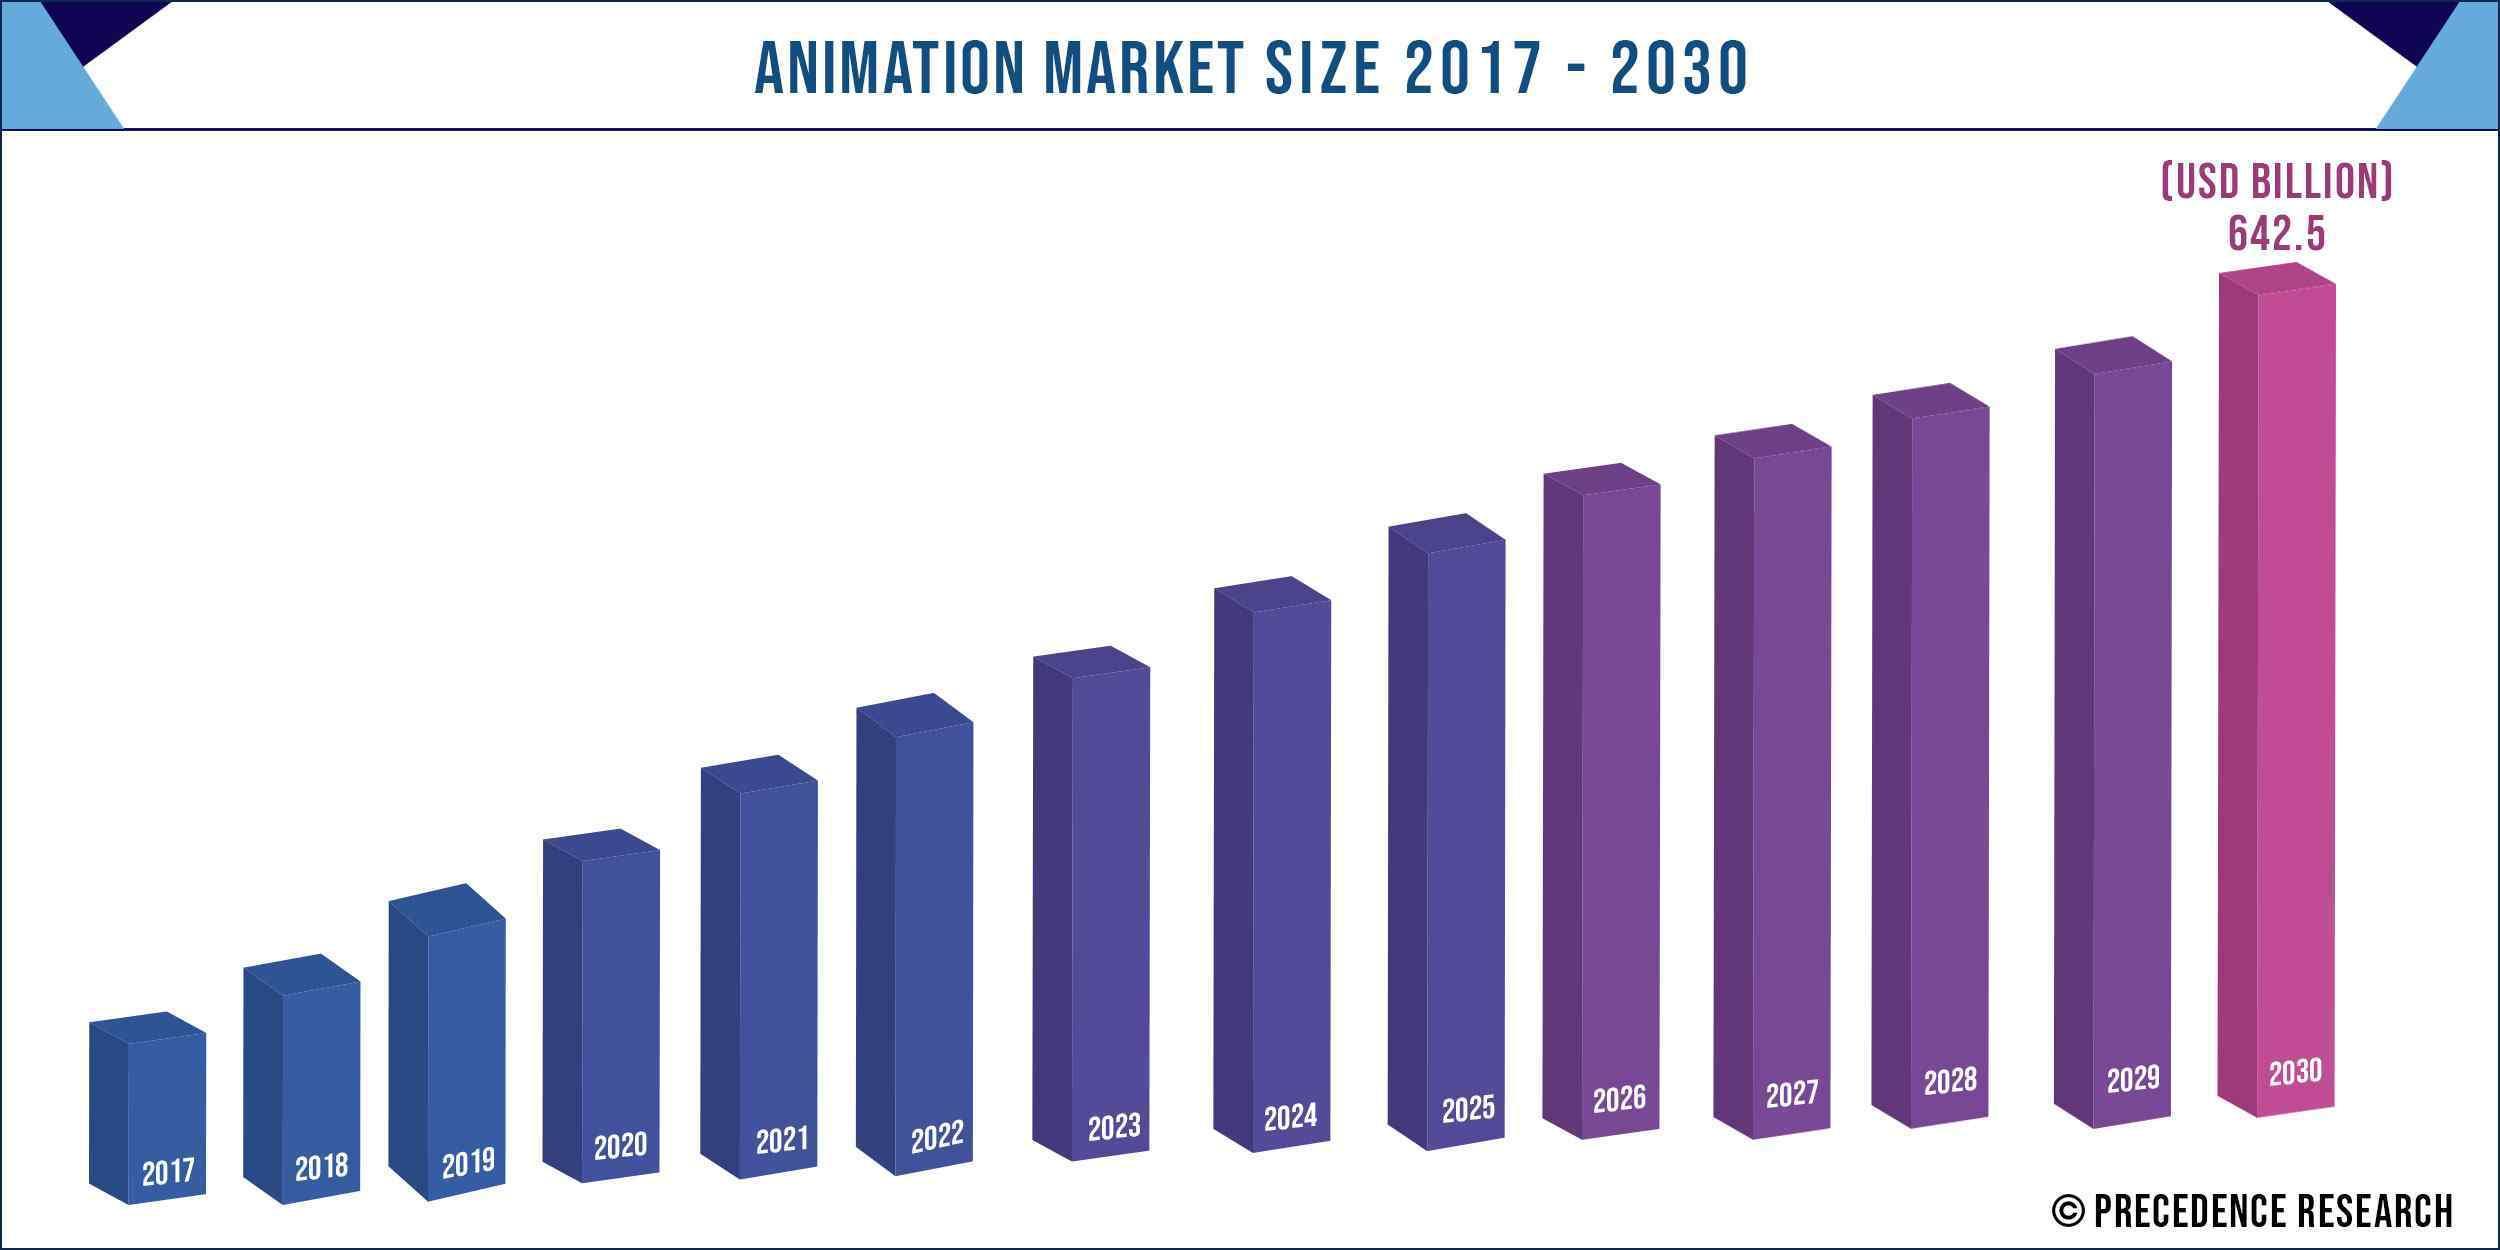 Animation Market Size 2017-2030